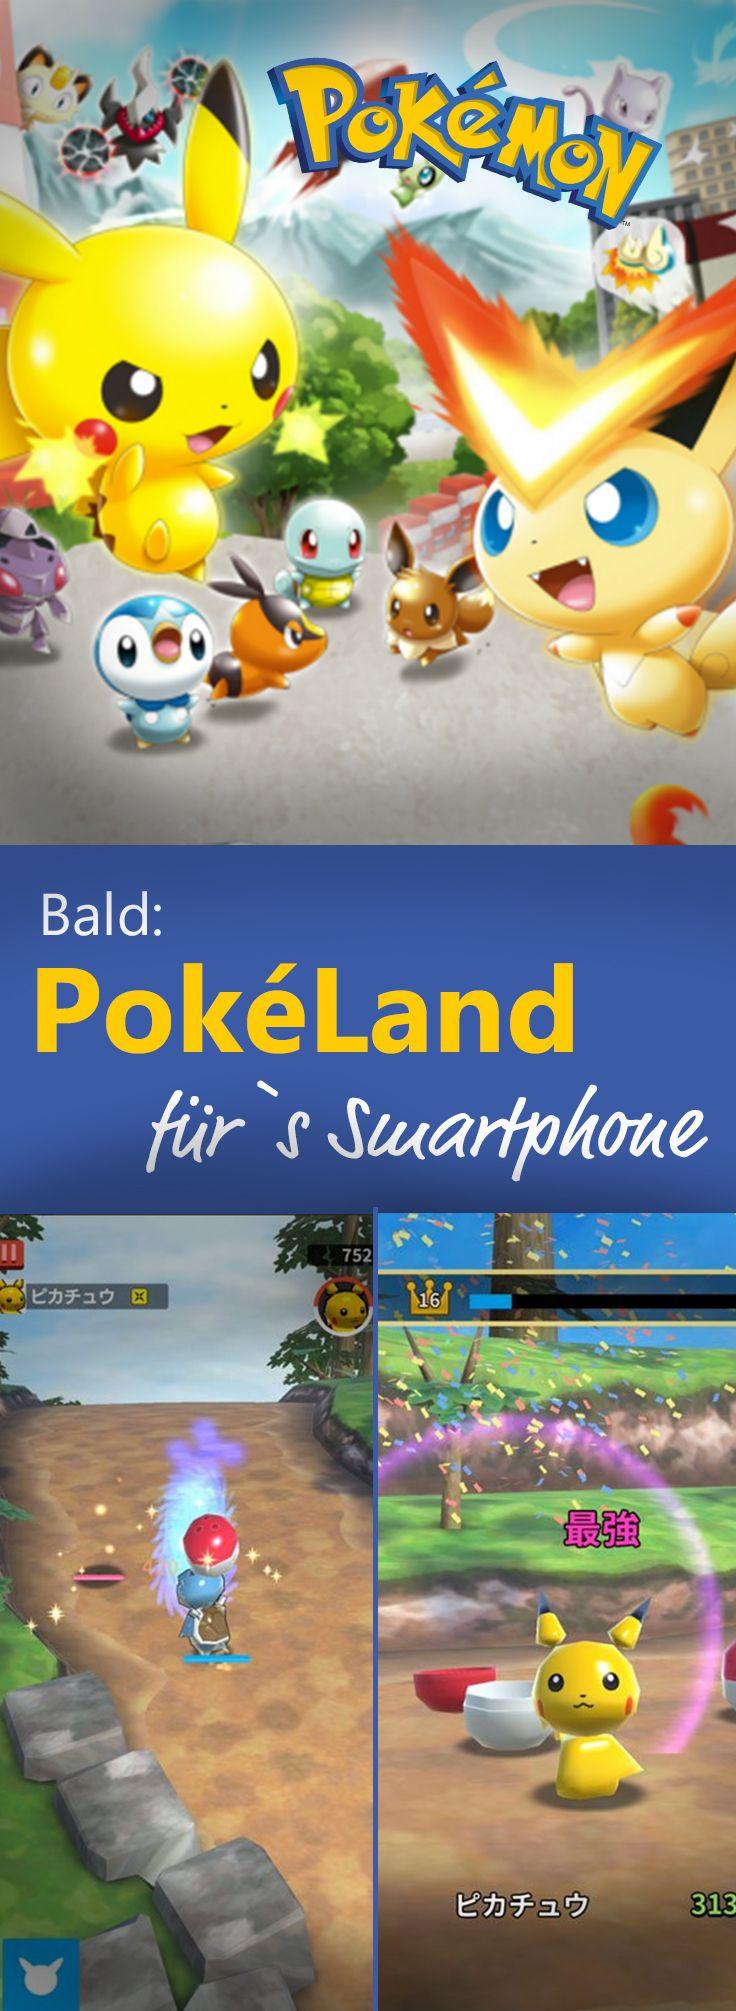 Nach Pokémon GO folgt nun PokéLand, ein neuer Action-Ableger für das Smartphone!